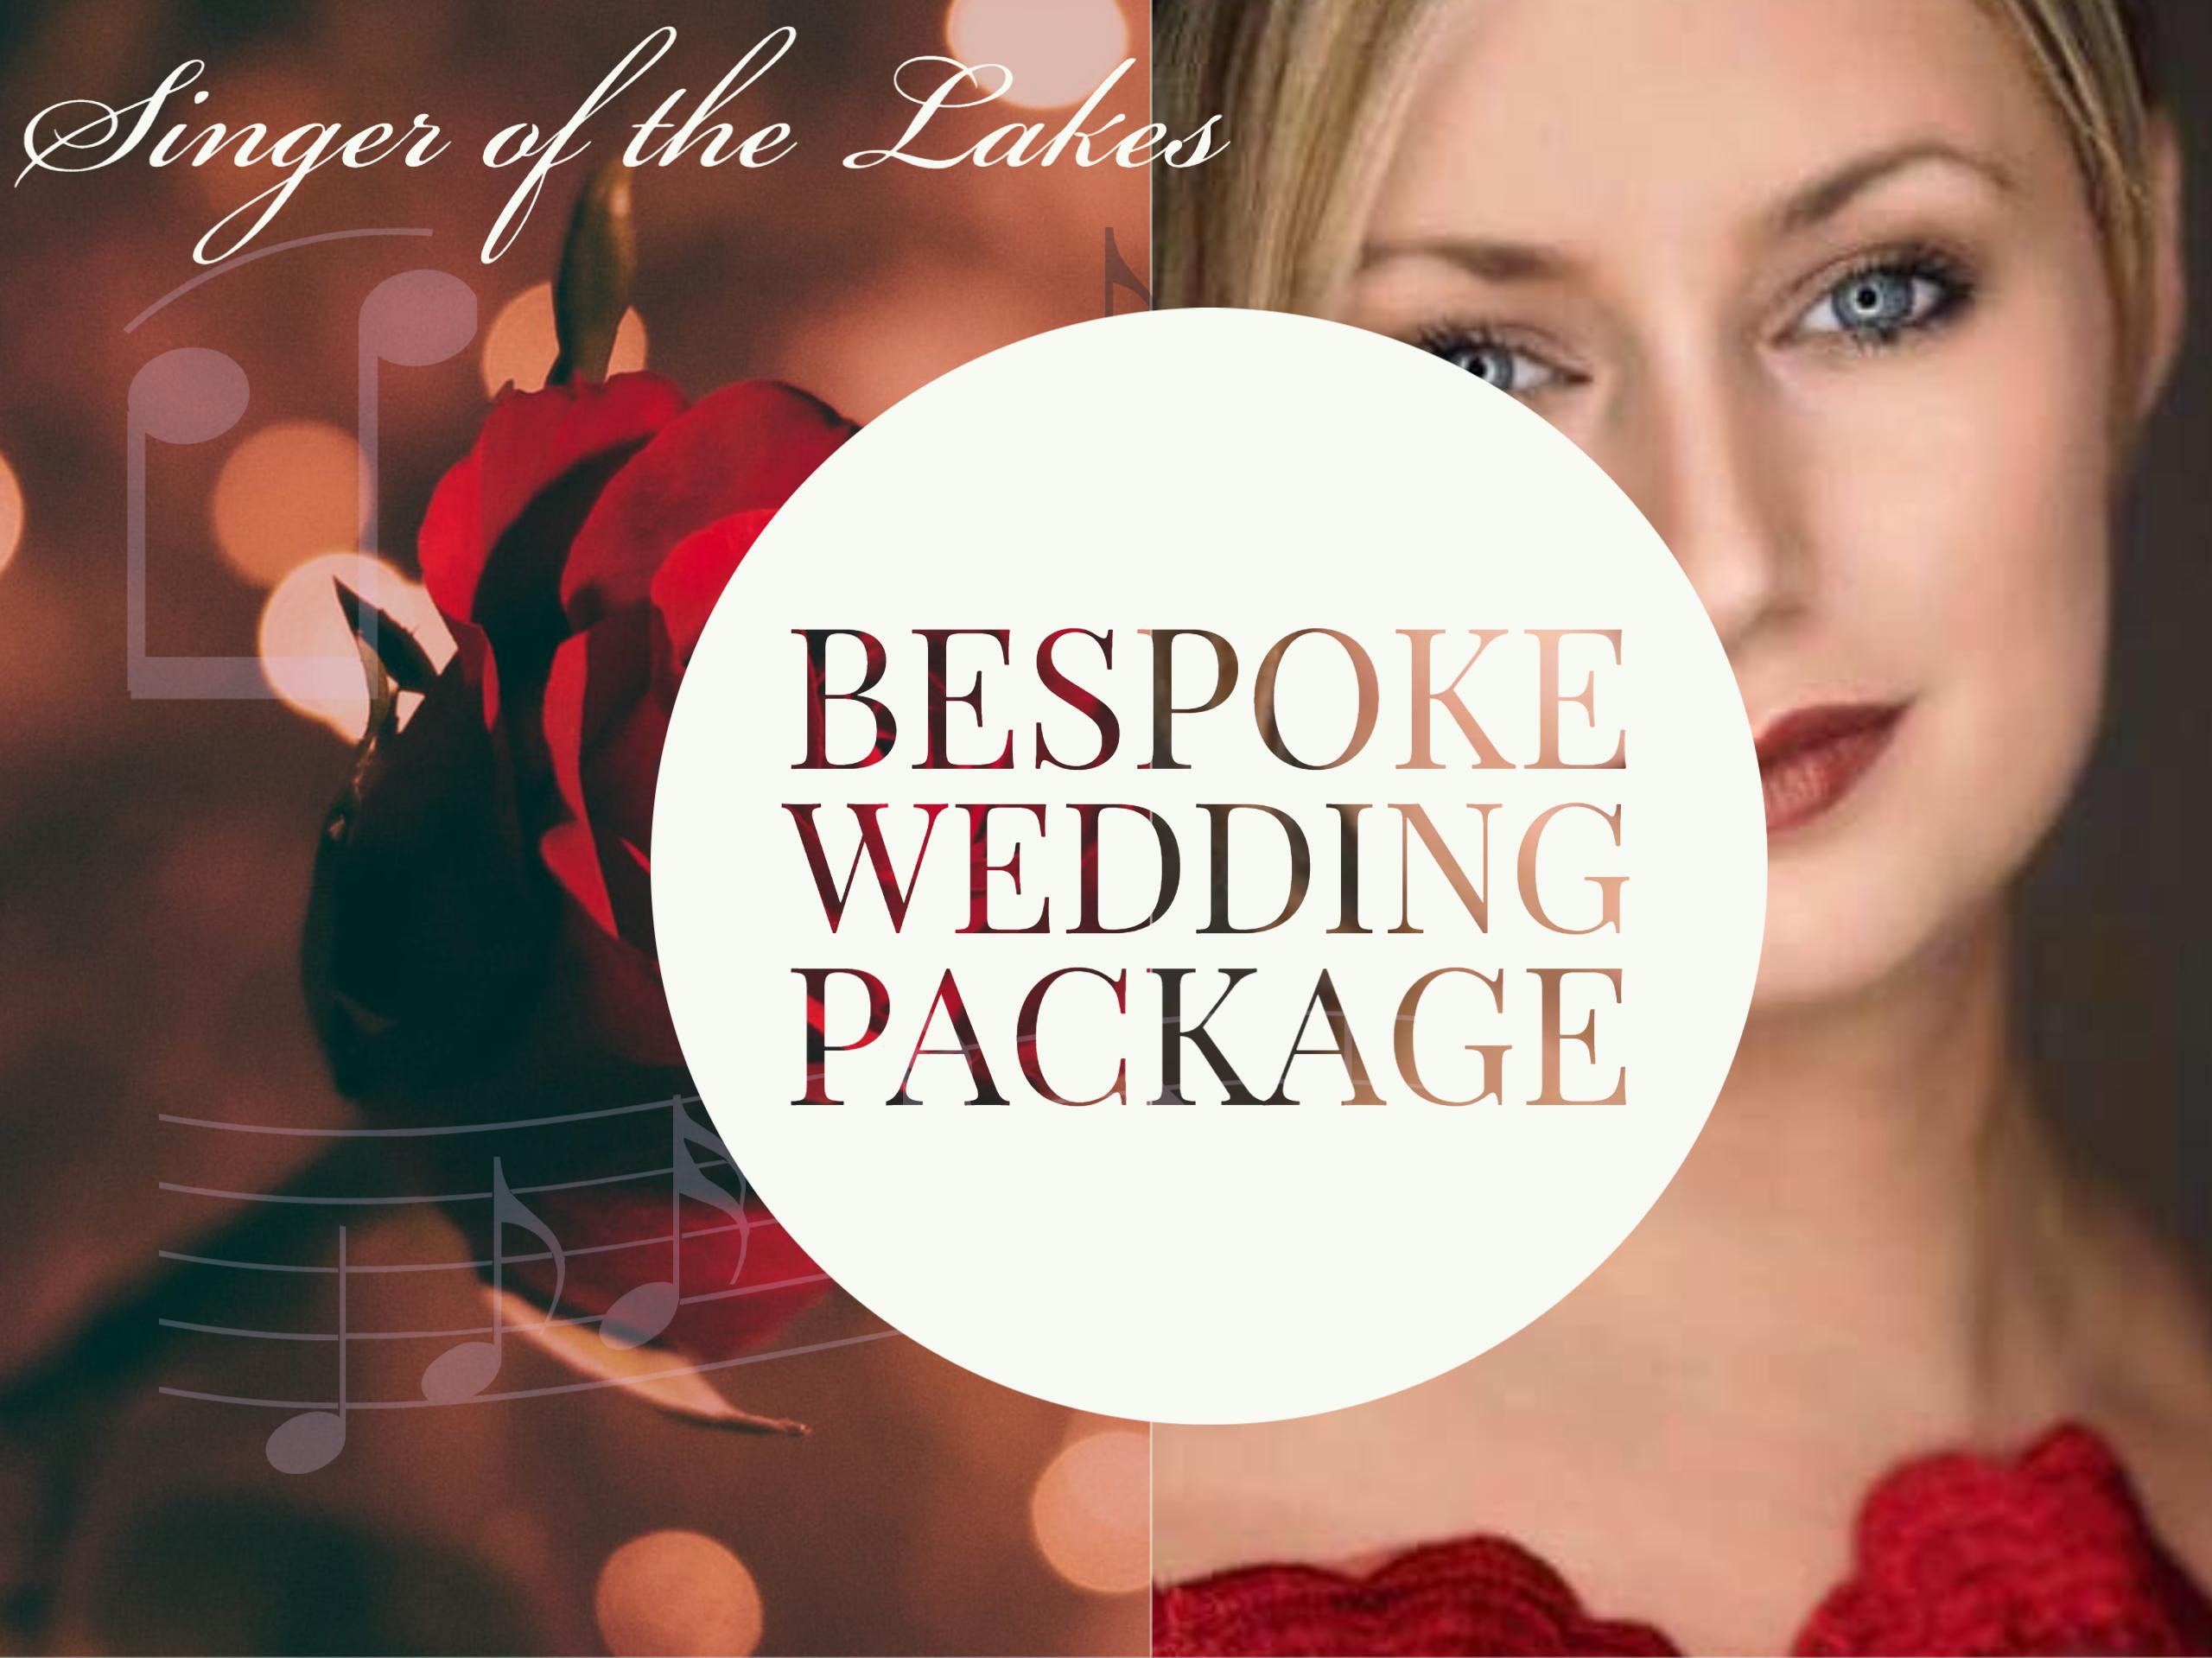 Bespoke Wedding Package